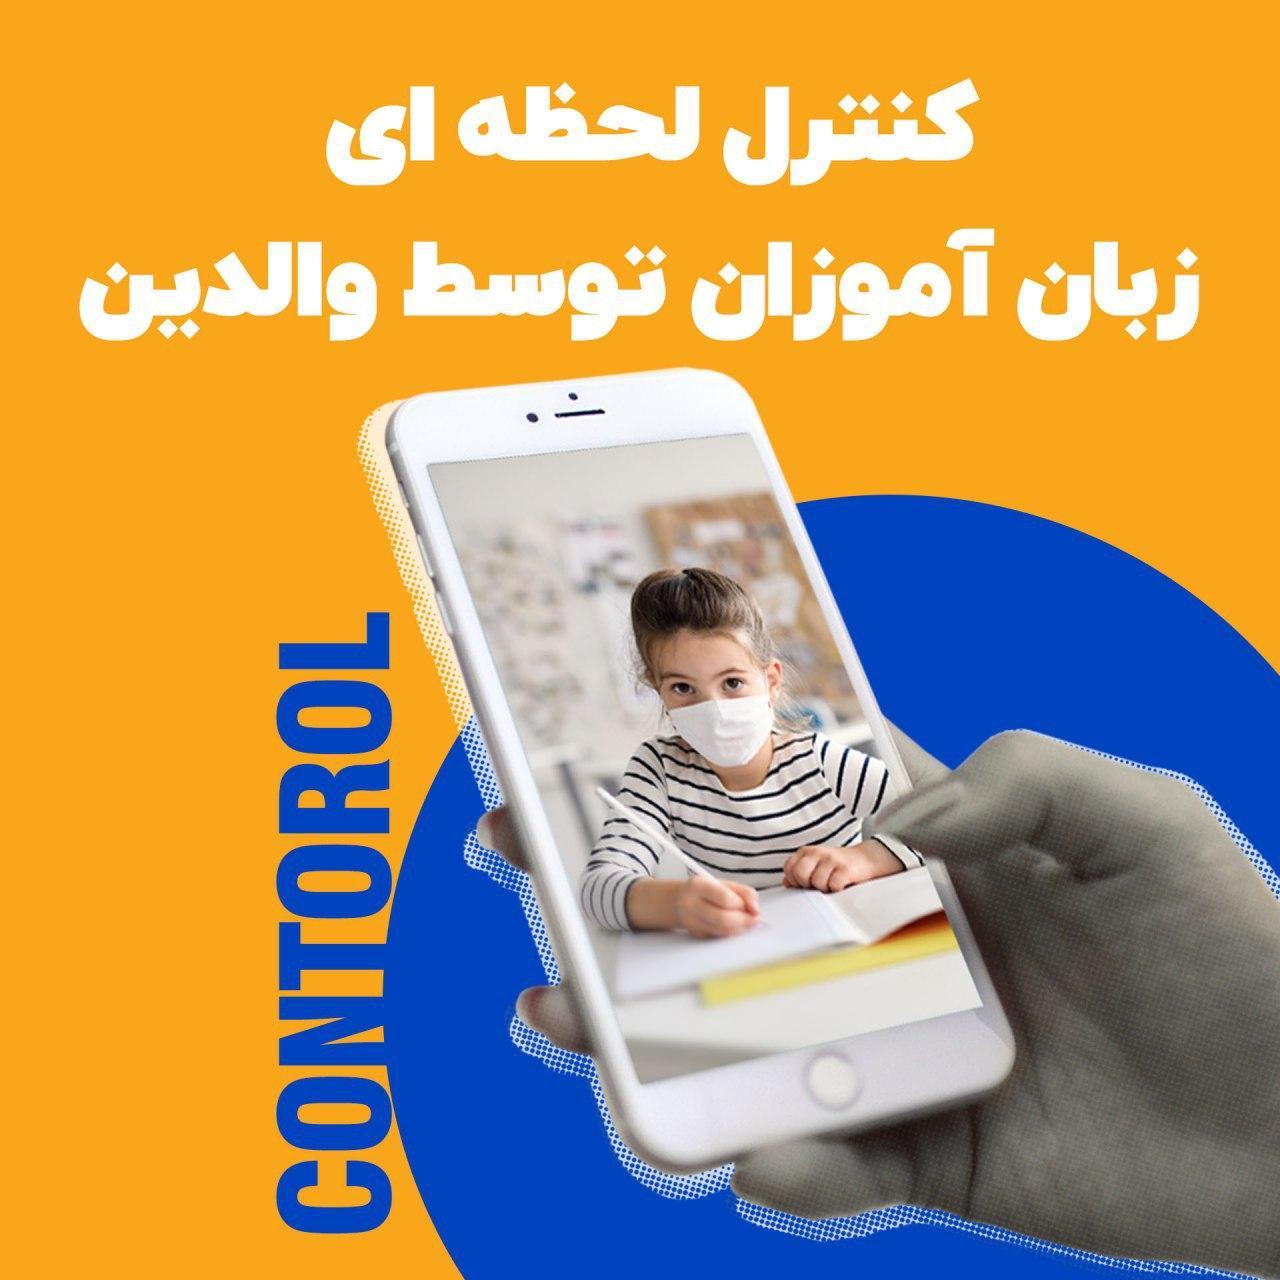 کنترل لحظه ای زبان آموزان توسط والدین